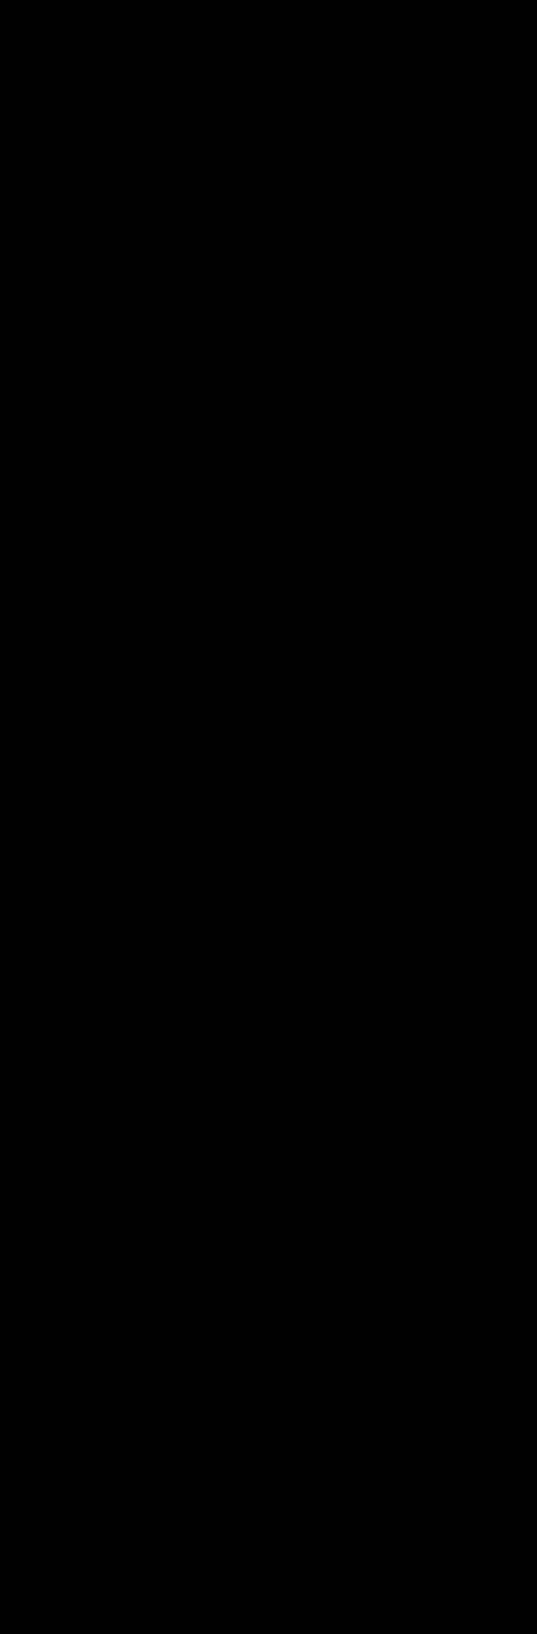 ตารางคอร์ดกีต้าร์ คอร์ดกีต้าร์ เพลง ฤกษ์ (Ost. เพื่อนขีดเส้นใต้)